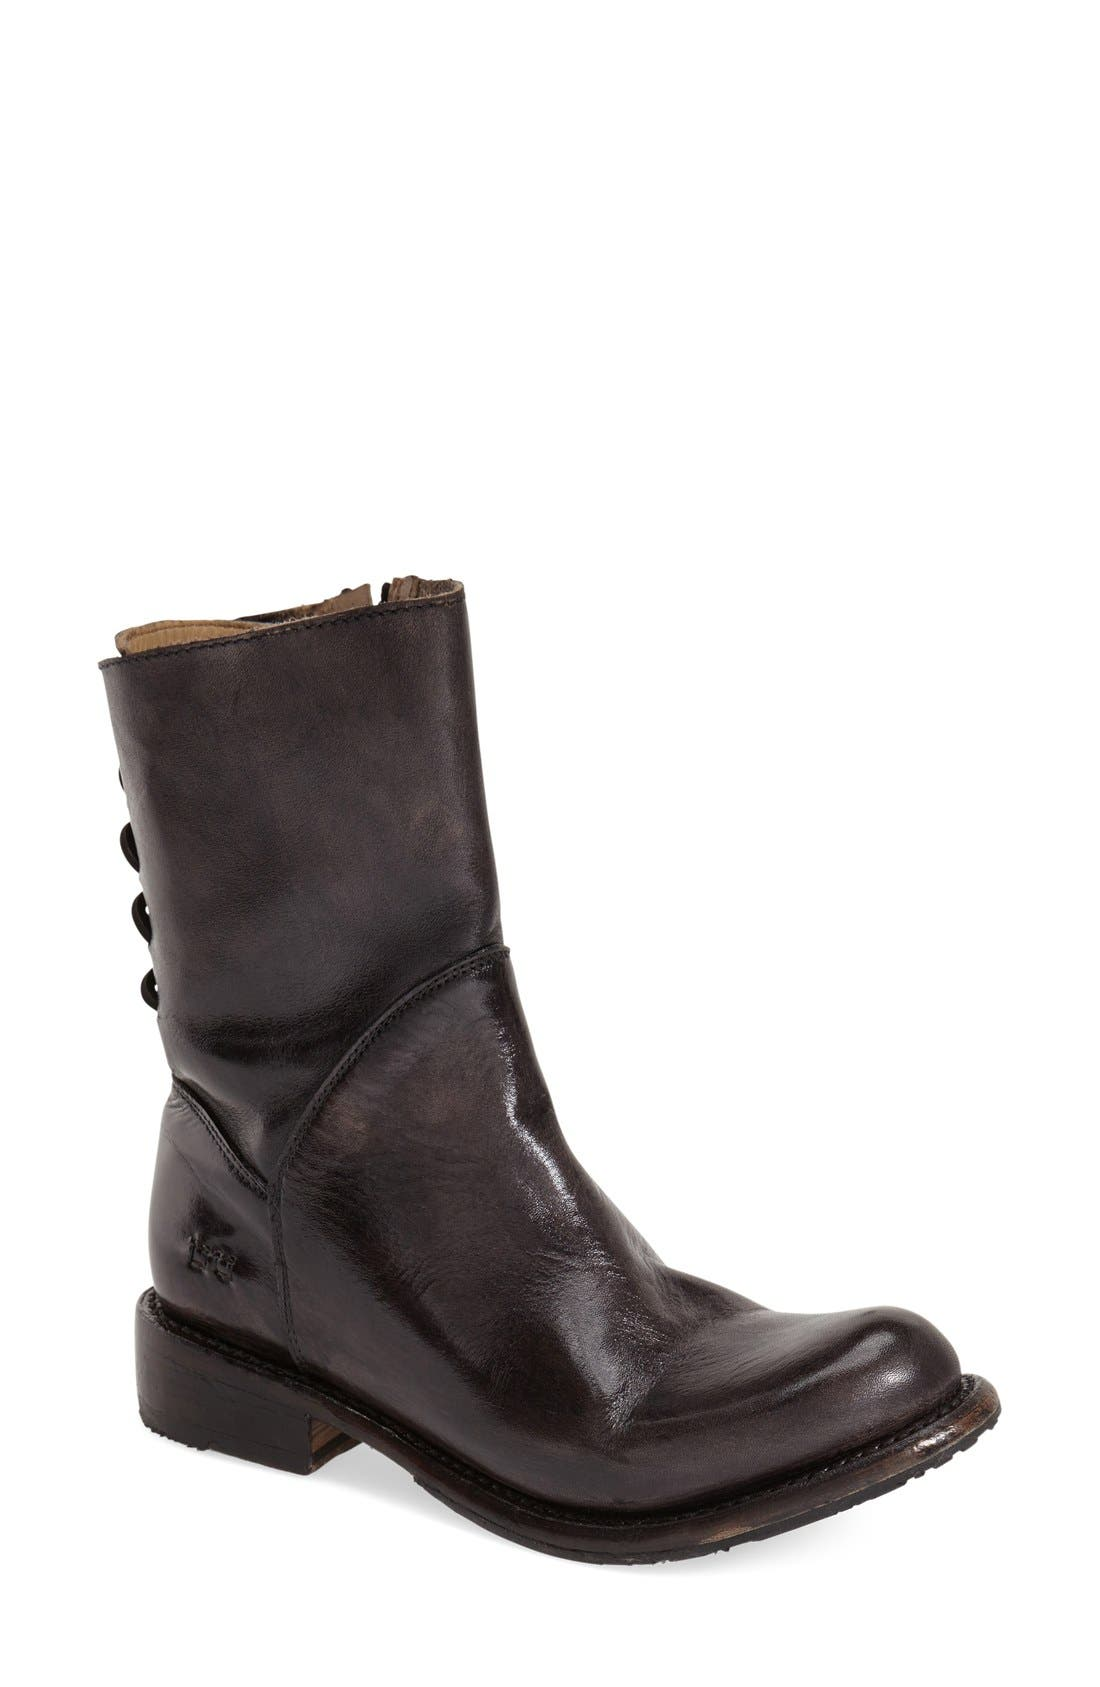 Main Image - Bed Stu 'Cheshire' Boot (Women)